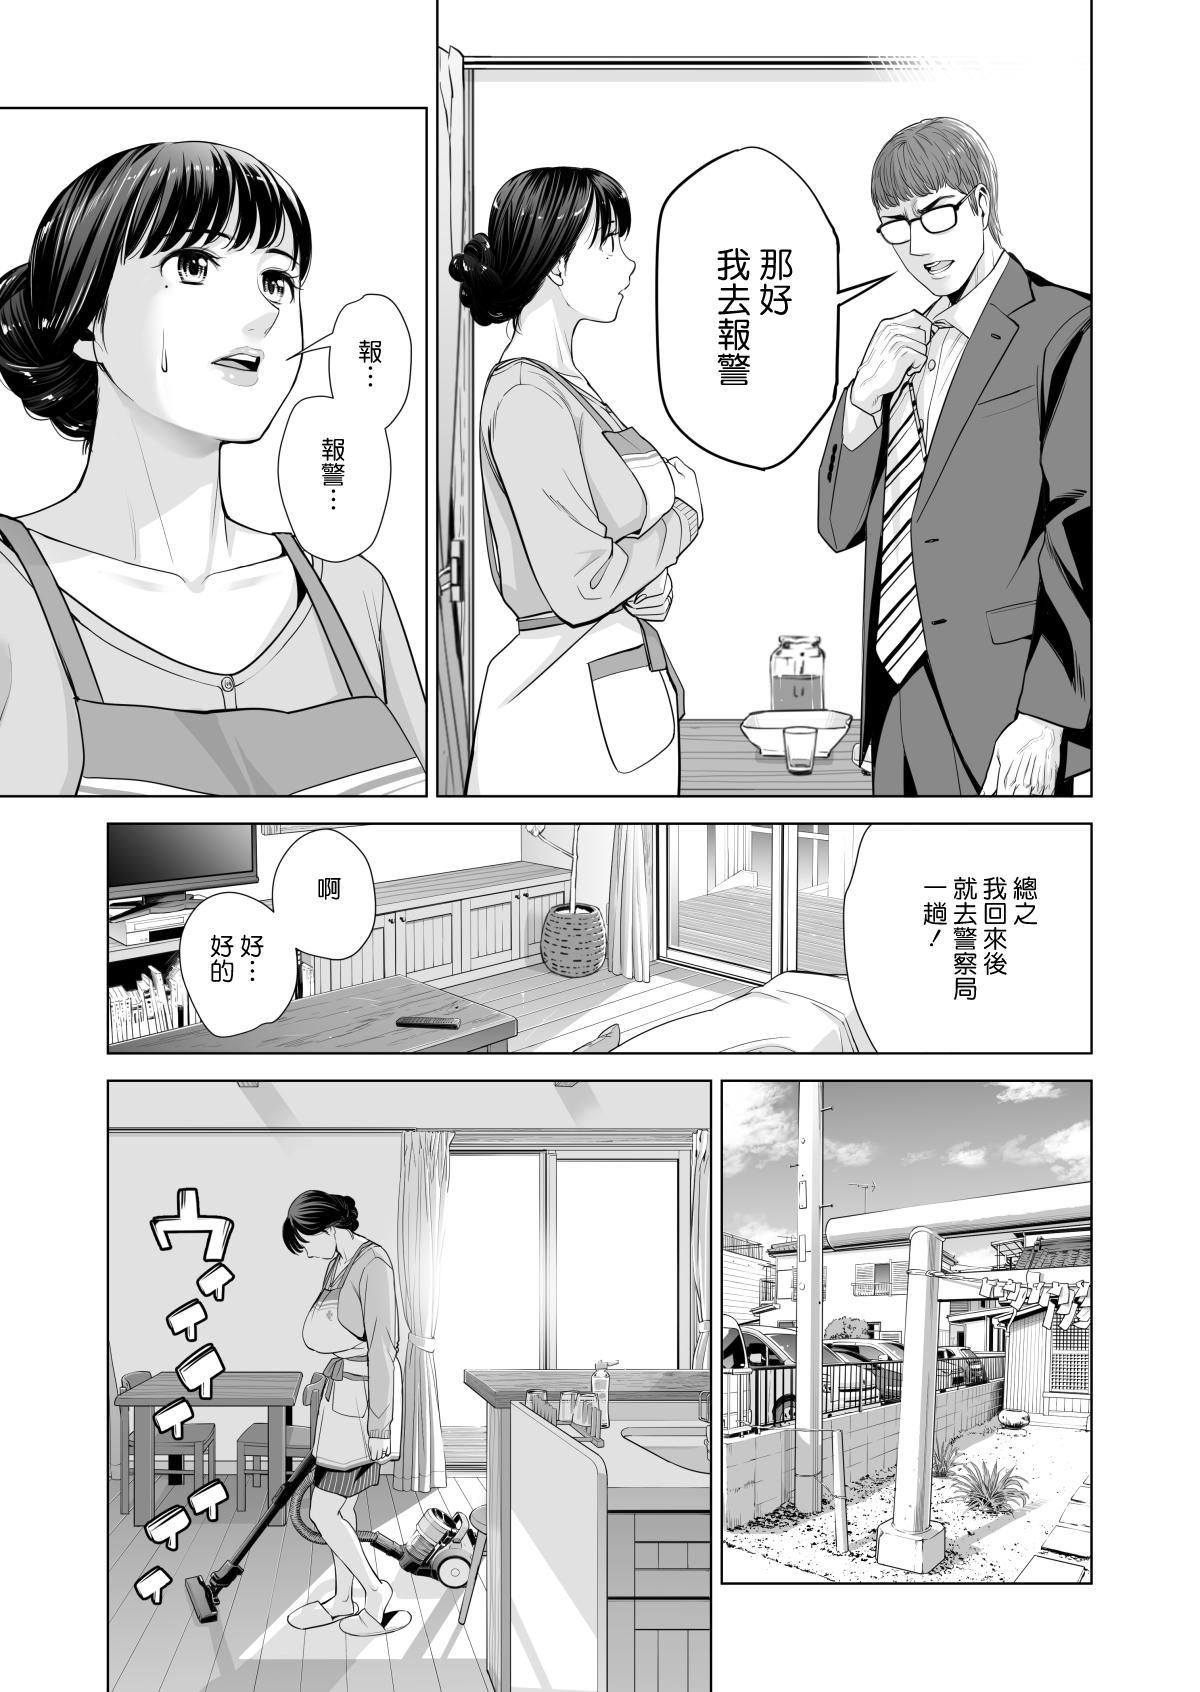 [HGT Lab (Tsusauto)] Tsukiyo no Midare Zake ~Hitozuma wa Yoitsubureta Otto no Soba de Douryou ni Netorareru~ Kouhen (CHINESE) 23